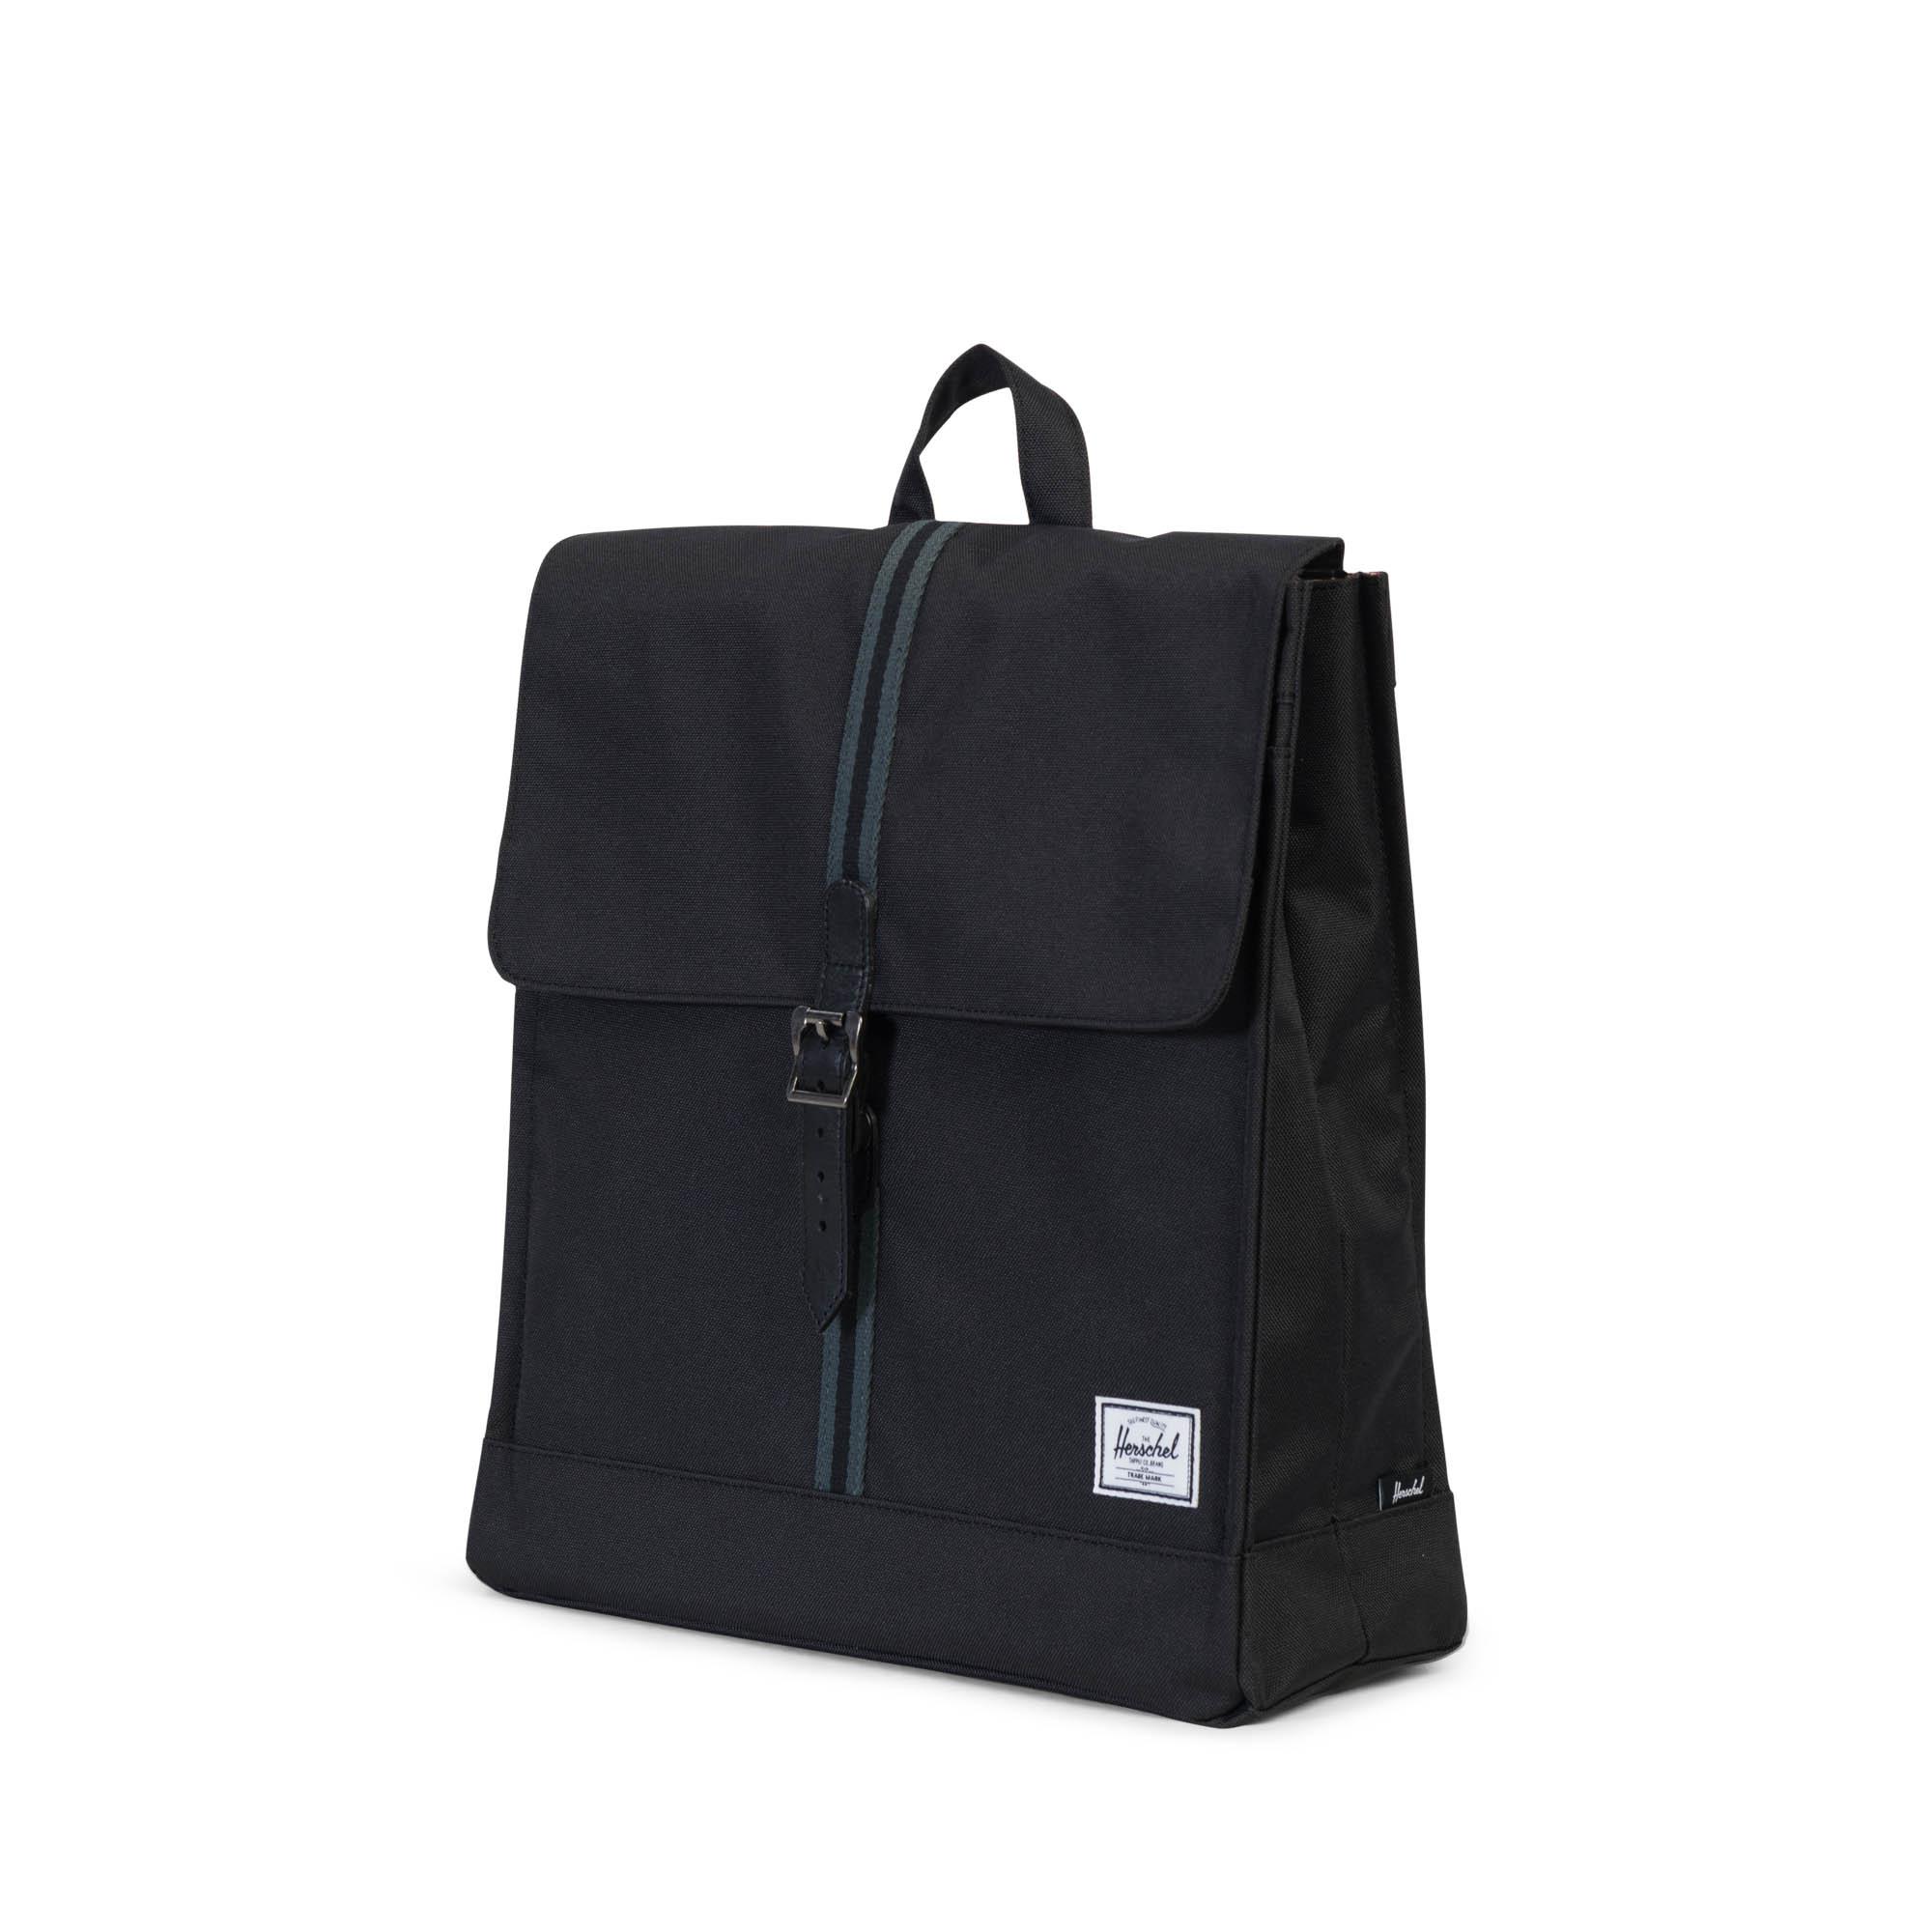 City Backpack in Black - Black Herschel qombSN61ao